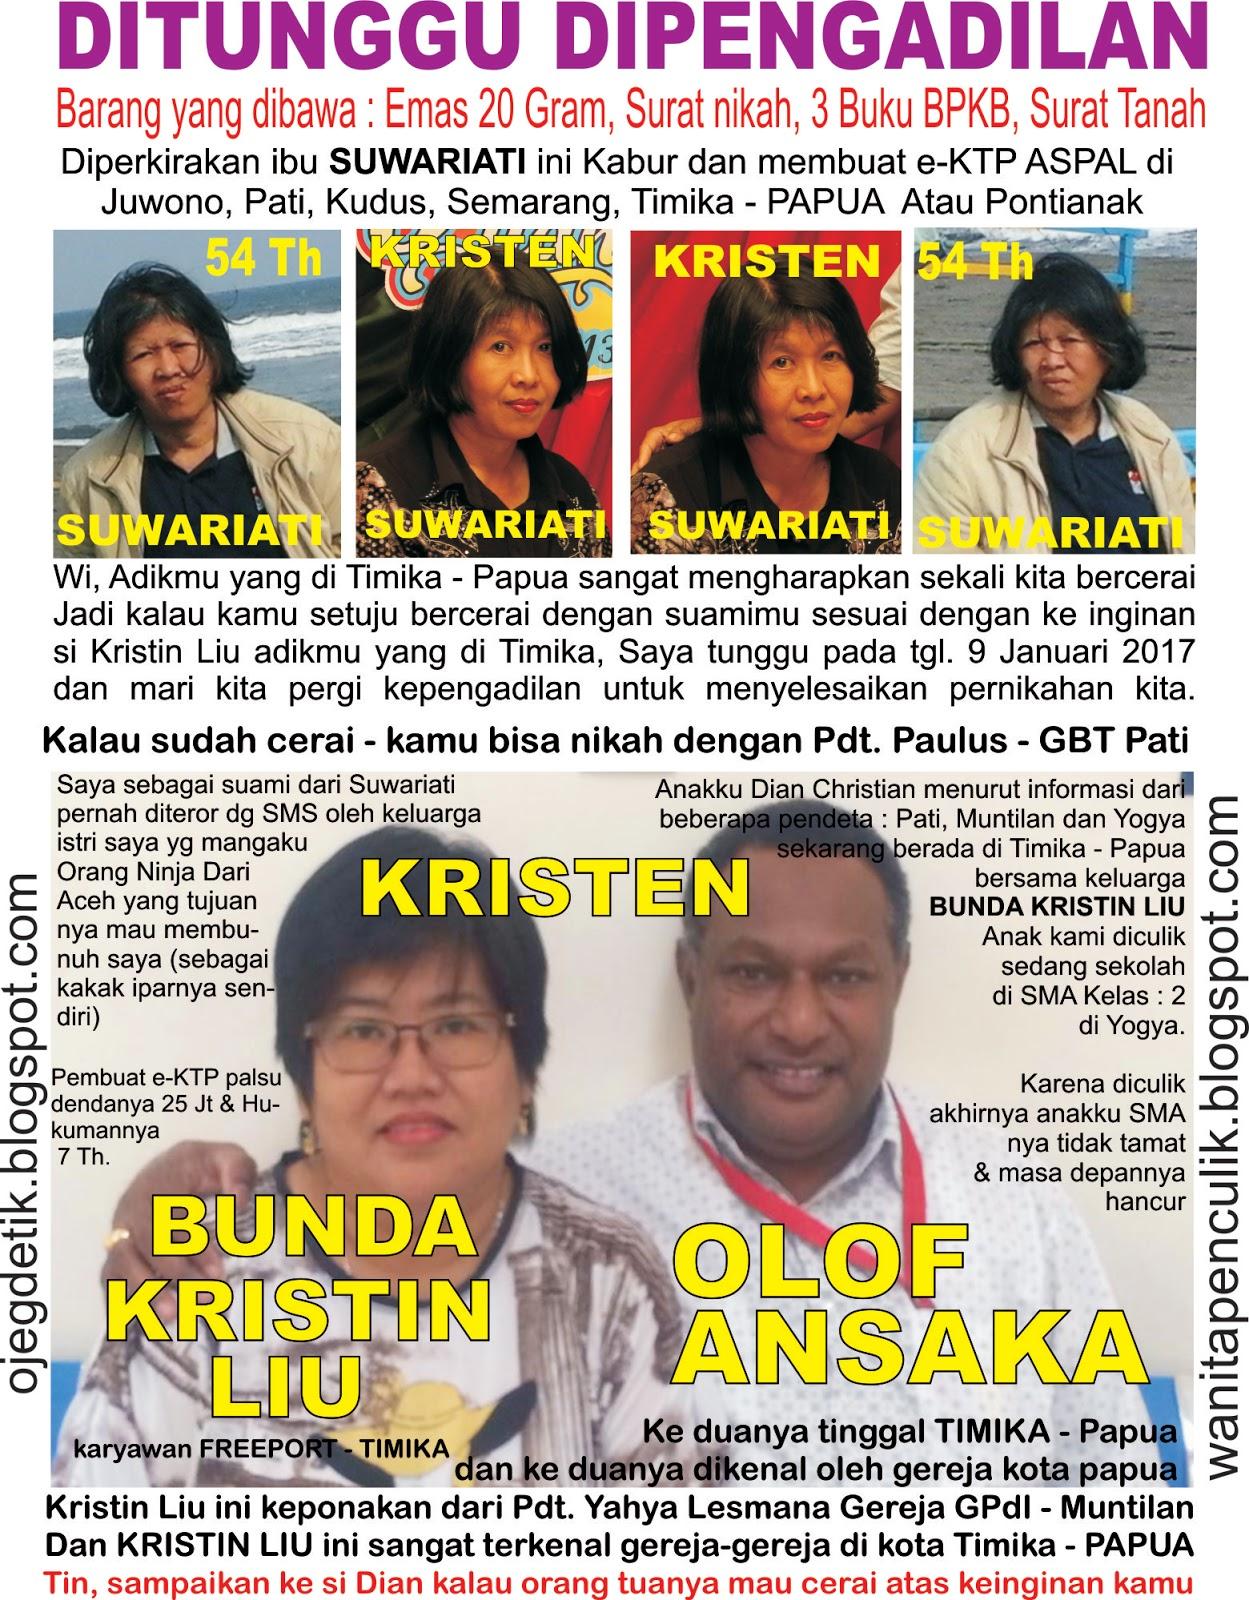 Anak hilang, Penculikan, E-KTP Ganda / ASPAL, Istri kabur ...